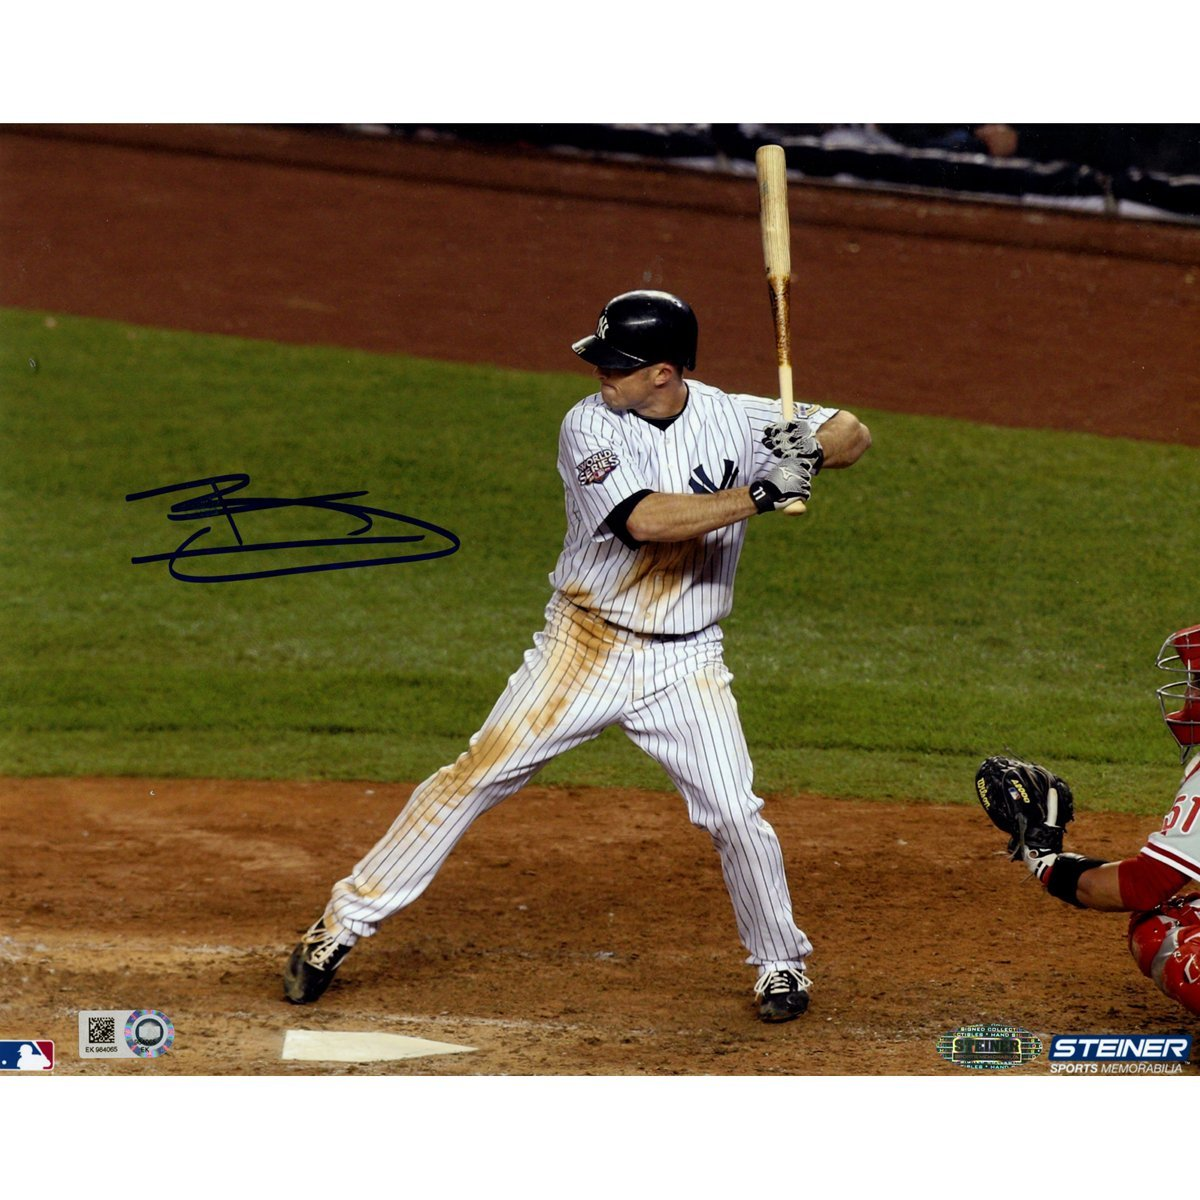 MLB New York Yankees Brett Gardner Signed Home Batting 8x10 Photo